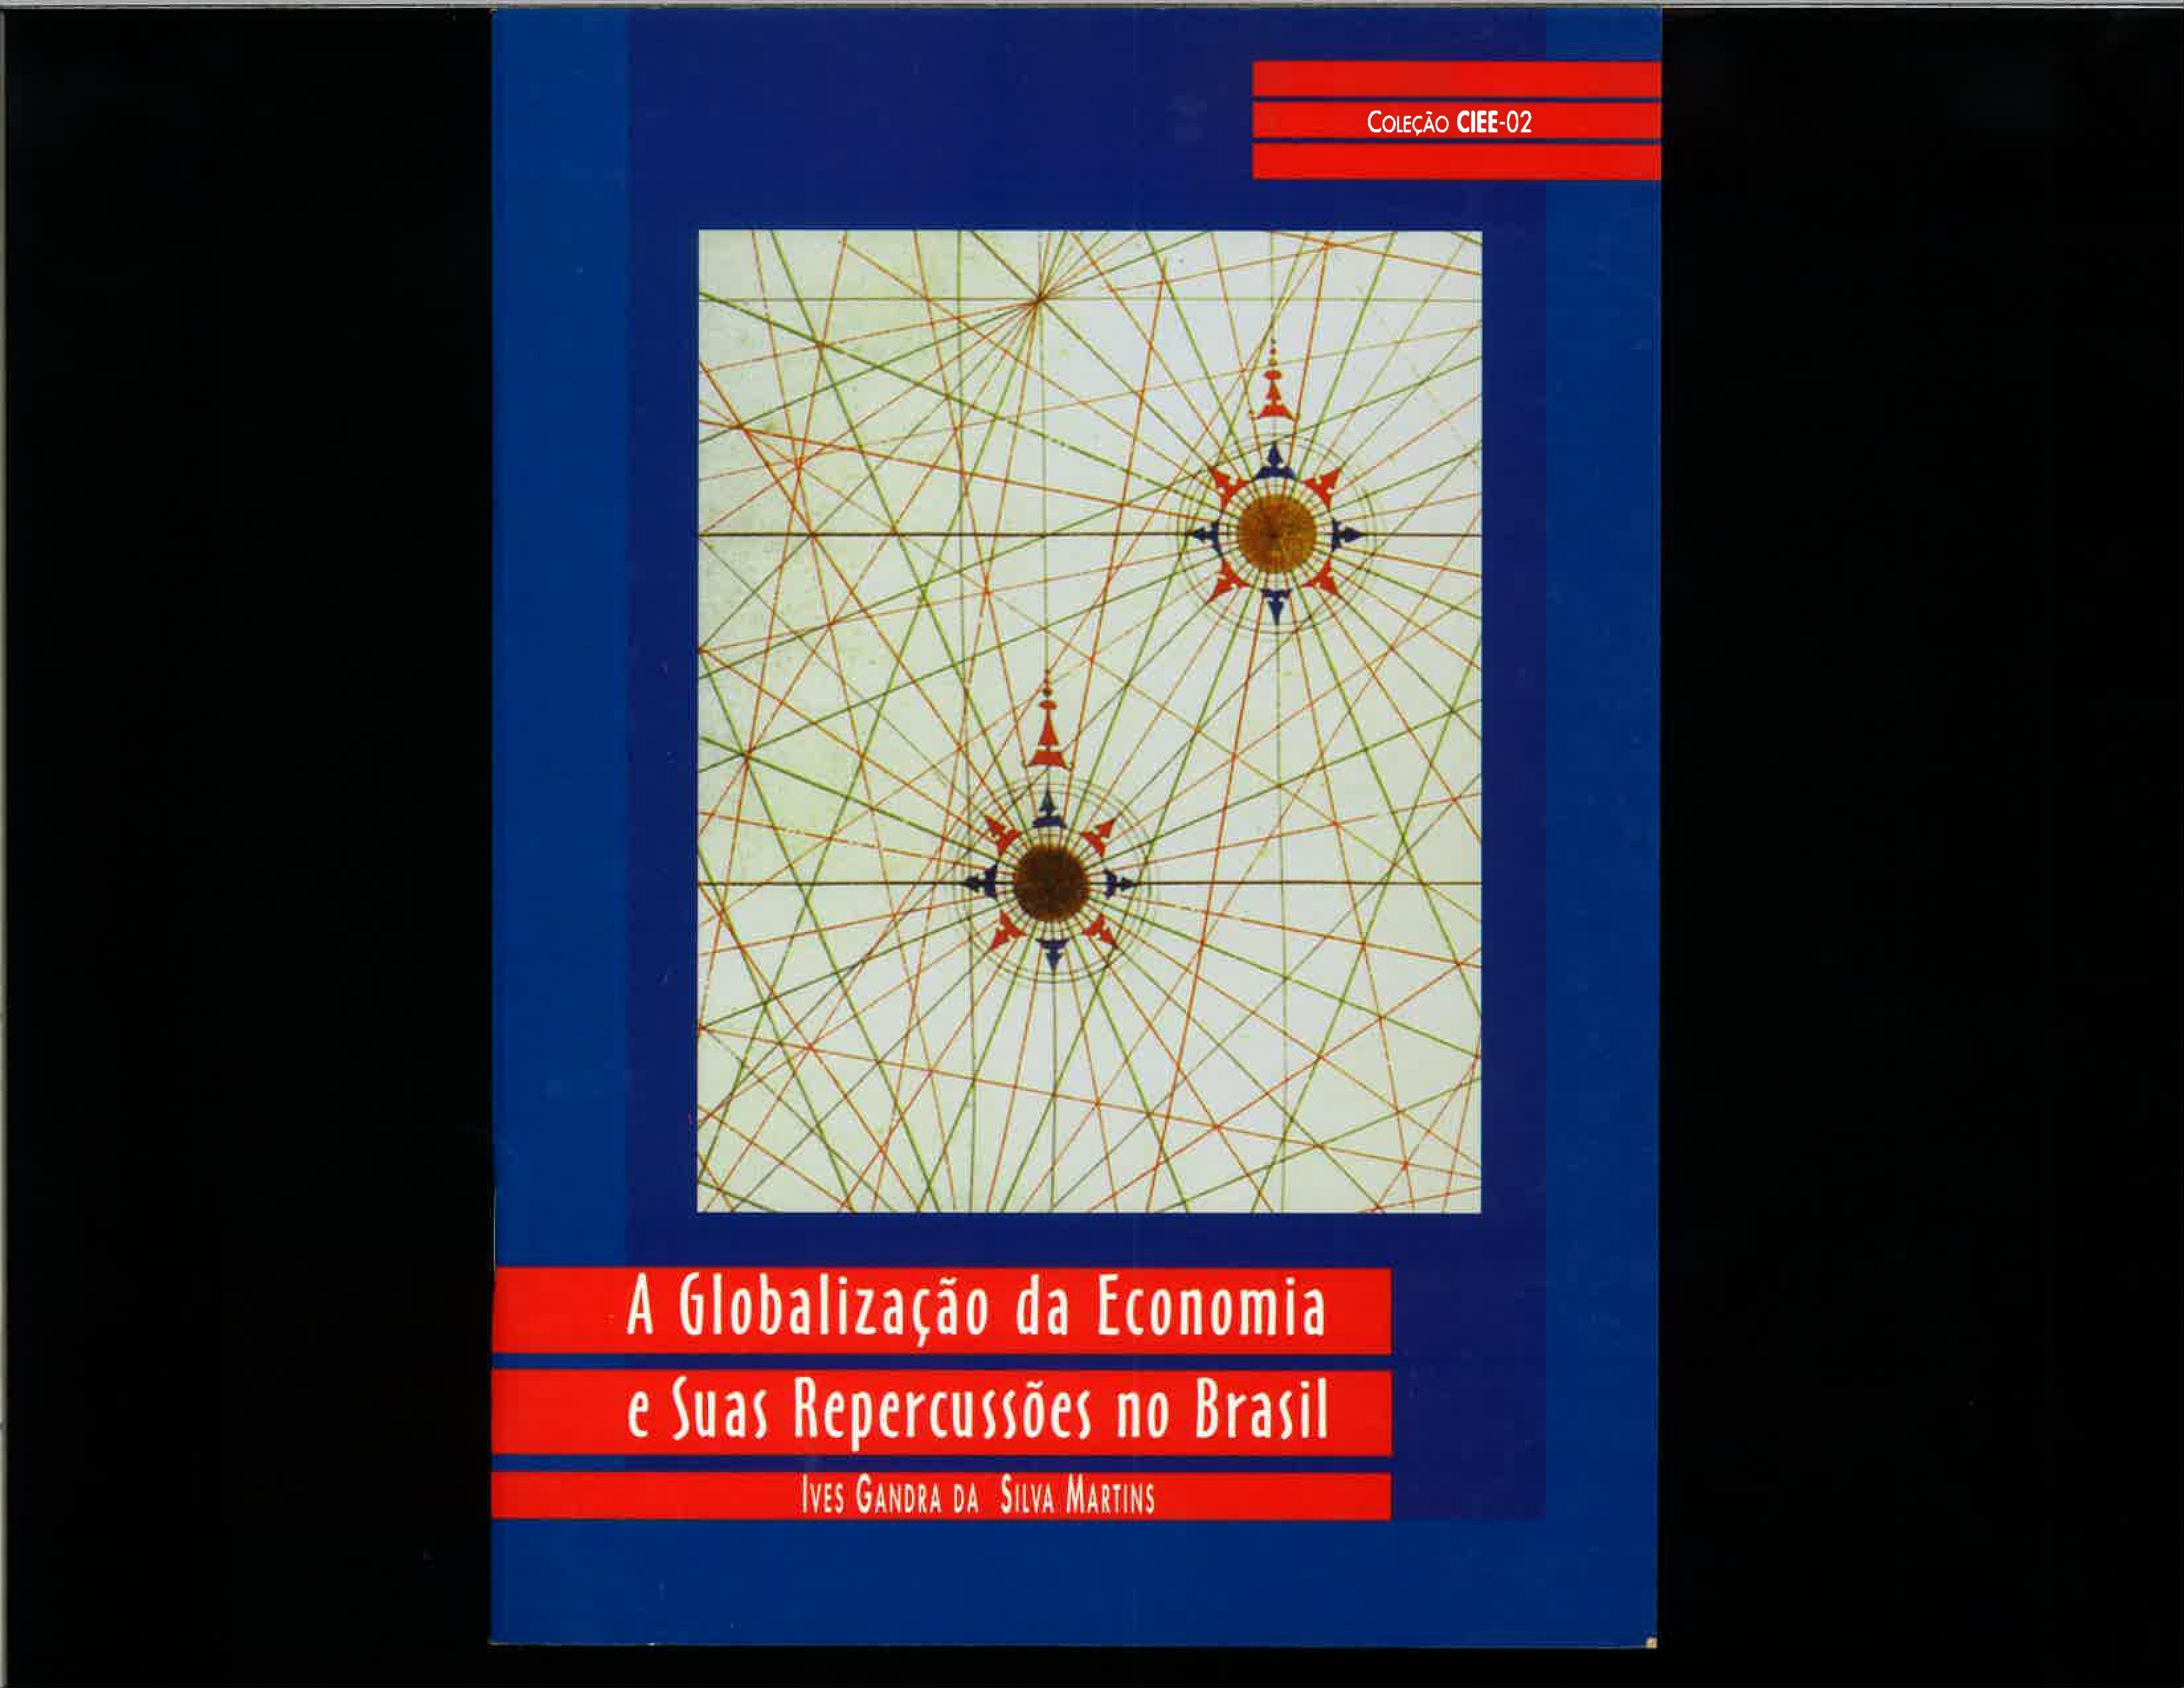 A Globalização da Economia e suas Repercussões no Brasil